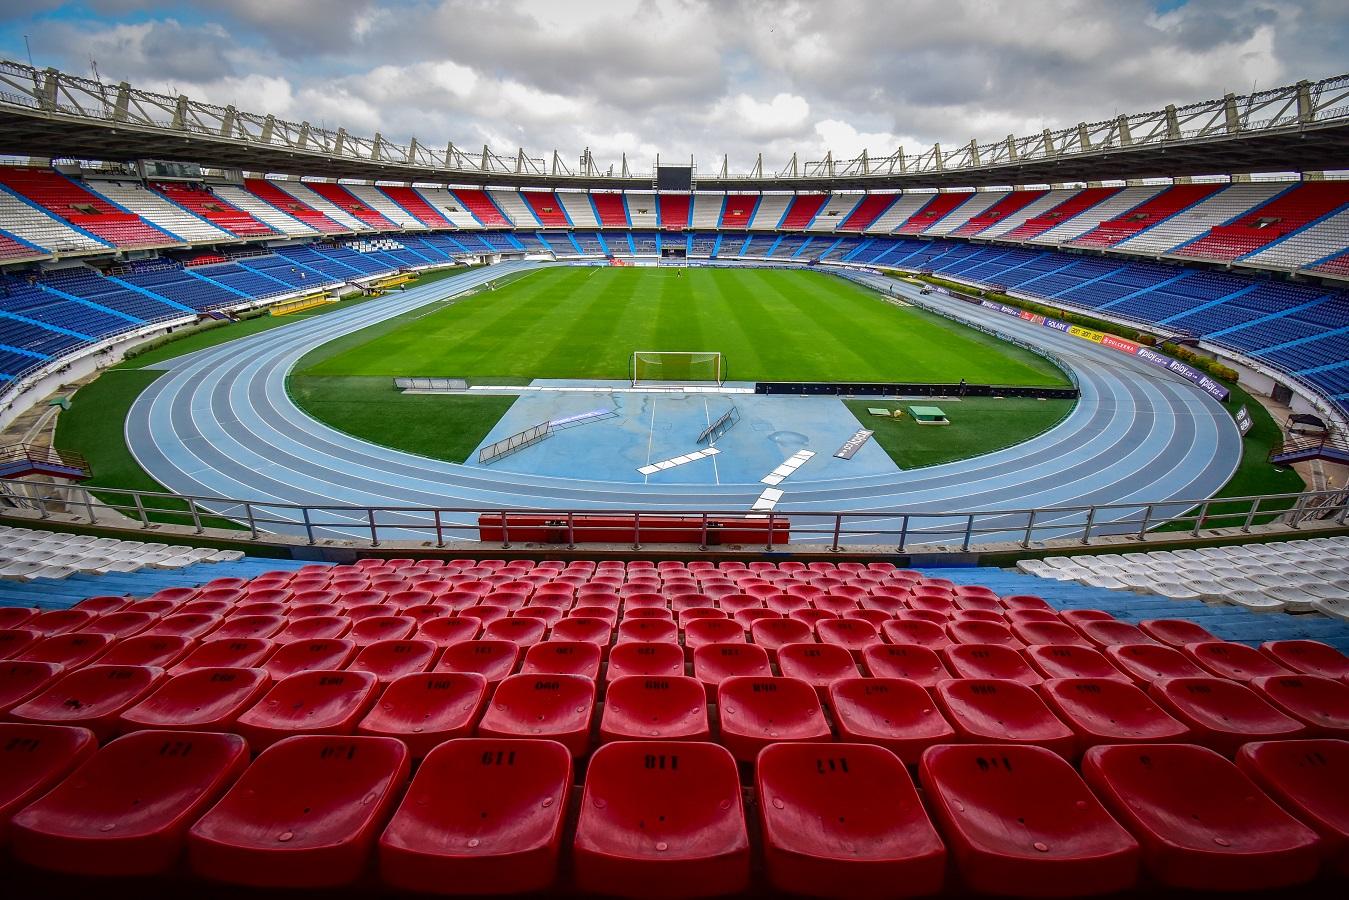 Agotadas las entradas para el partido de Colombia vs Chile   Agenciapi.co